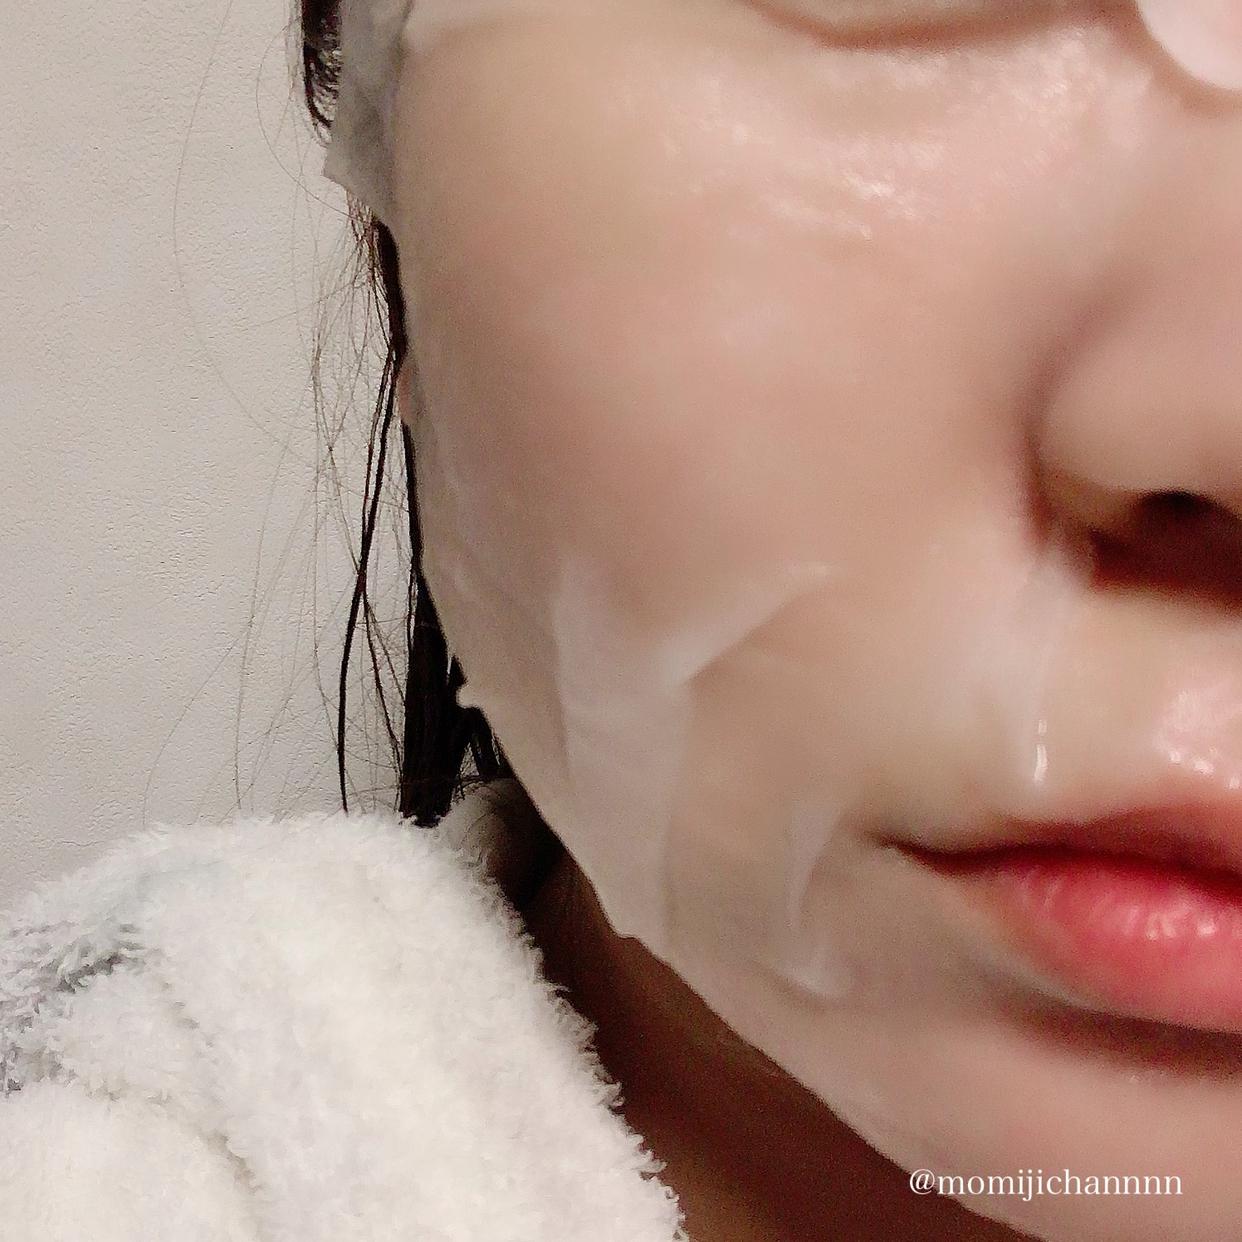 BARULAB(バルラボ) ザ クリーン ビーガン シカ マスクを使った紅葉ちゃんさんのクチコミ画像2